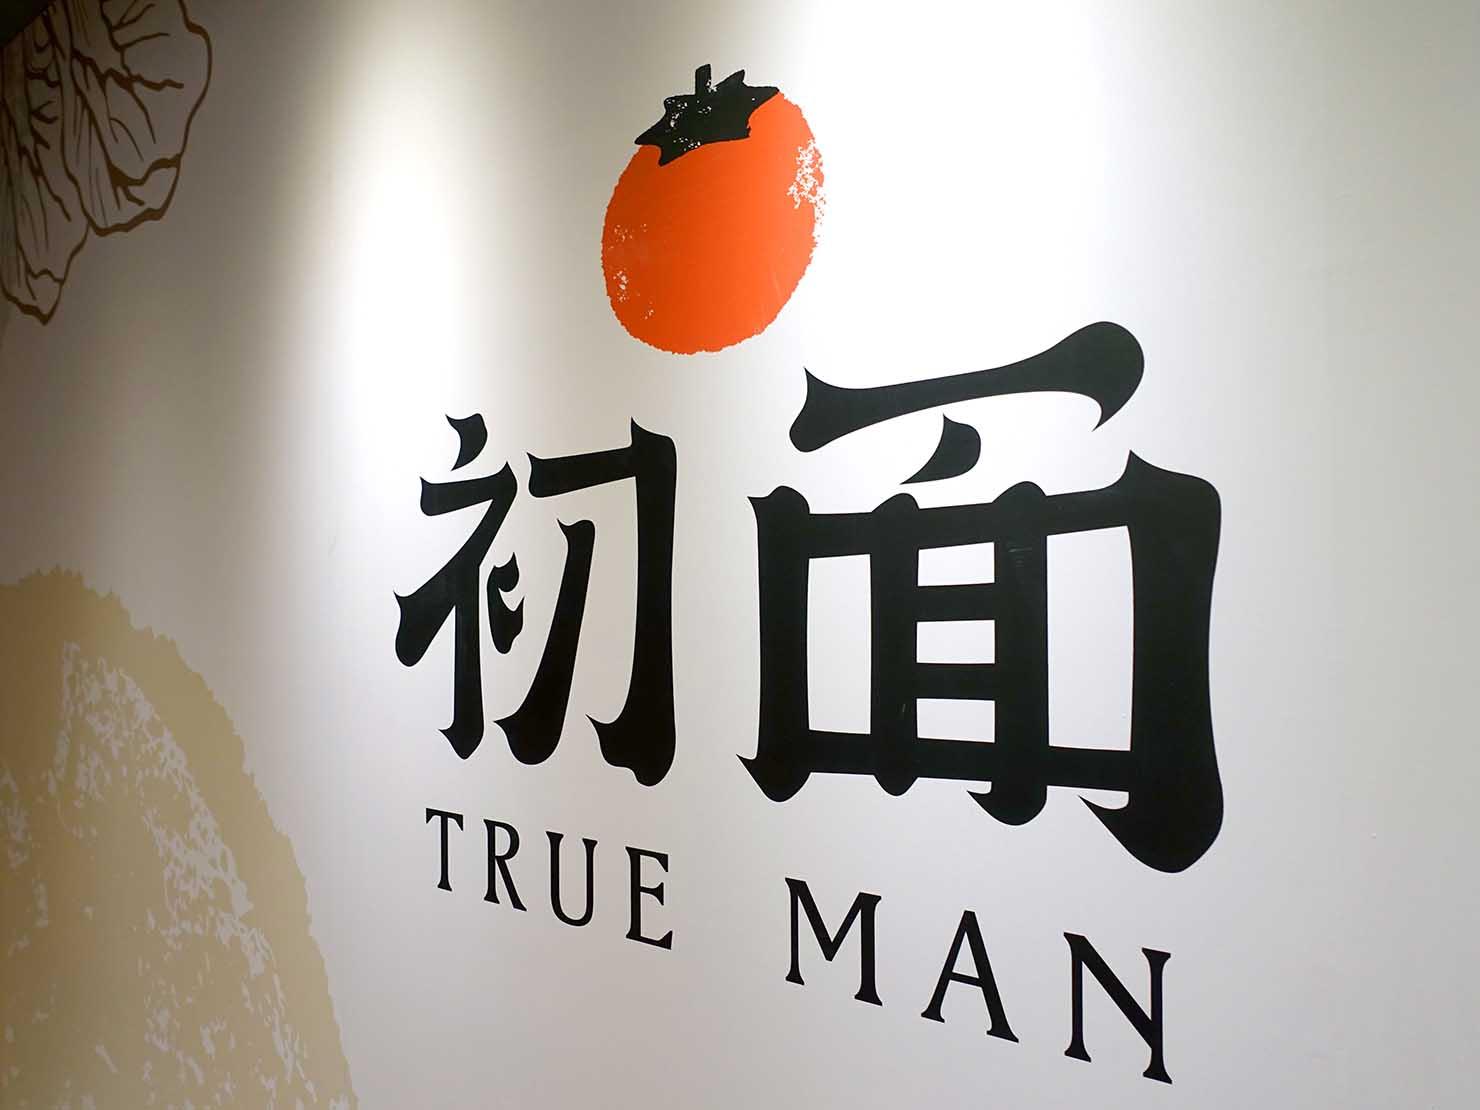 台北駅前エリア(前站)のおすすめグルメ店「初面」のロゴ